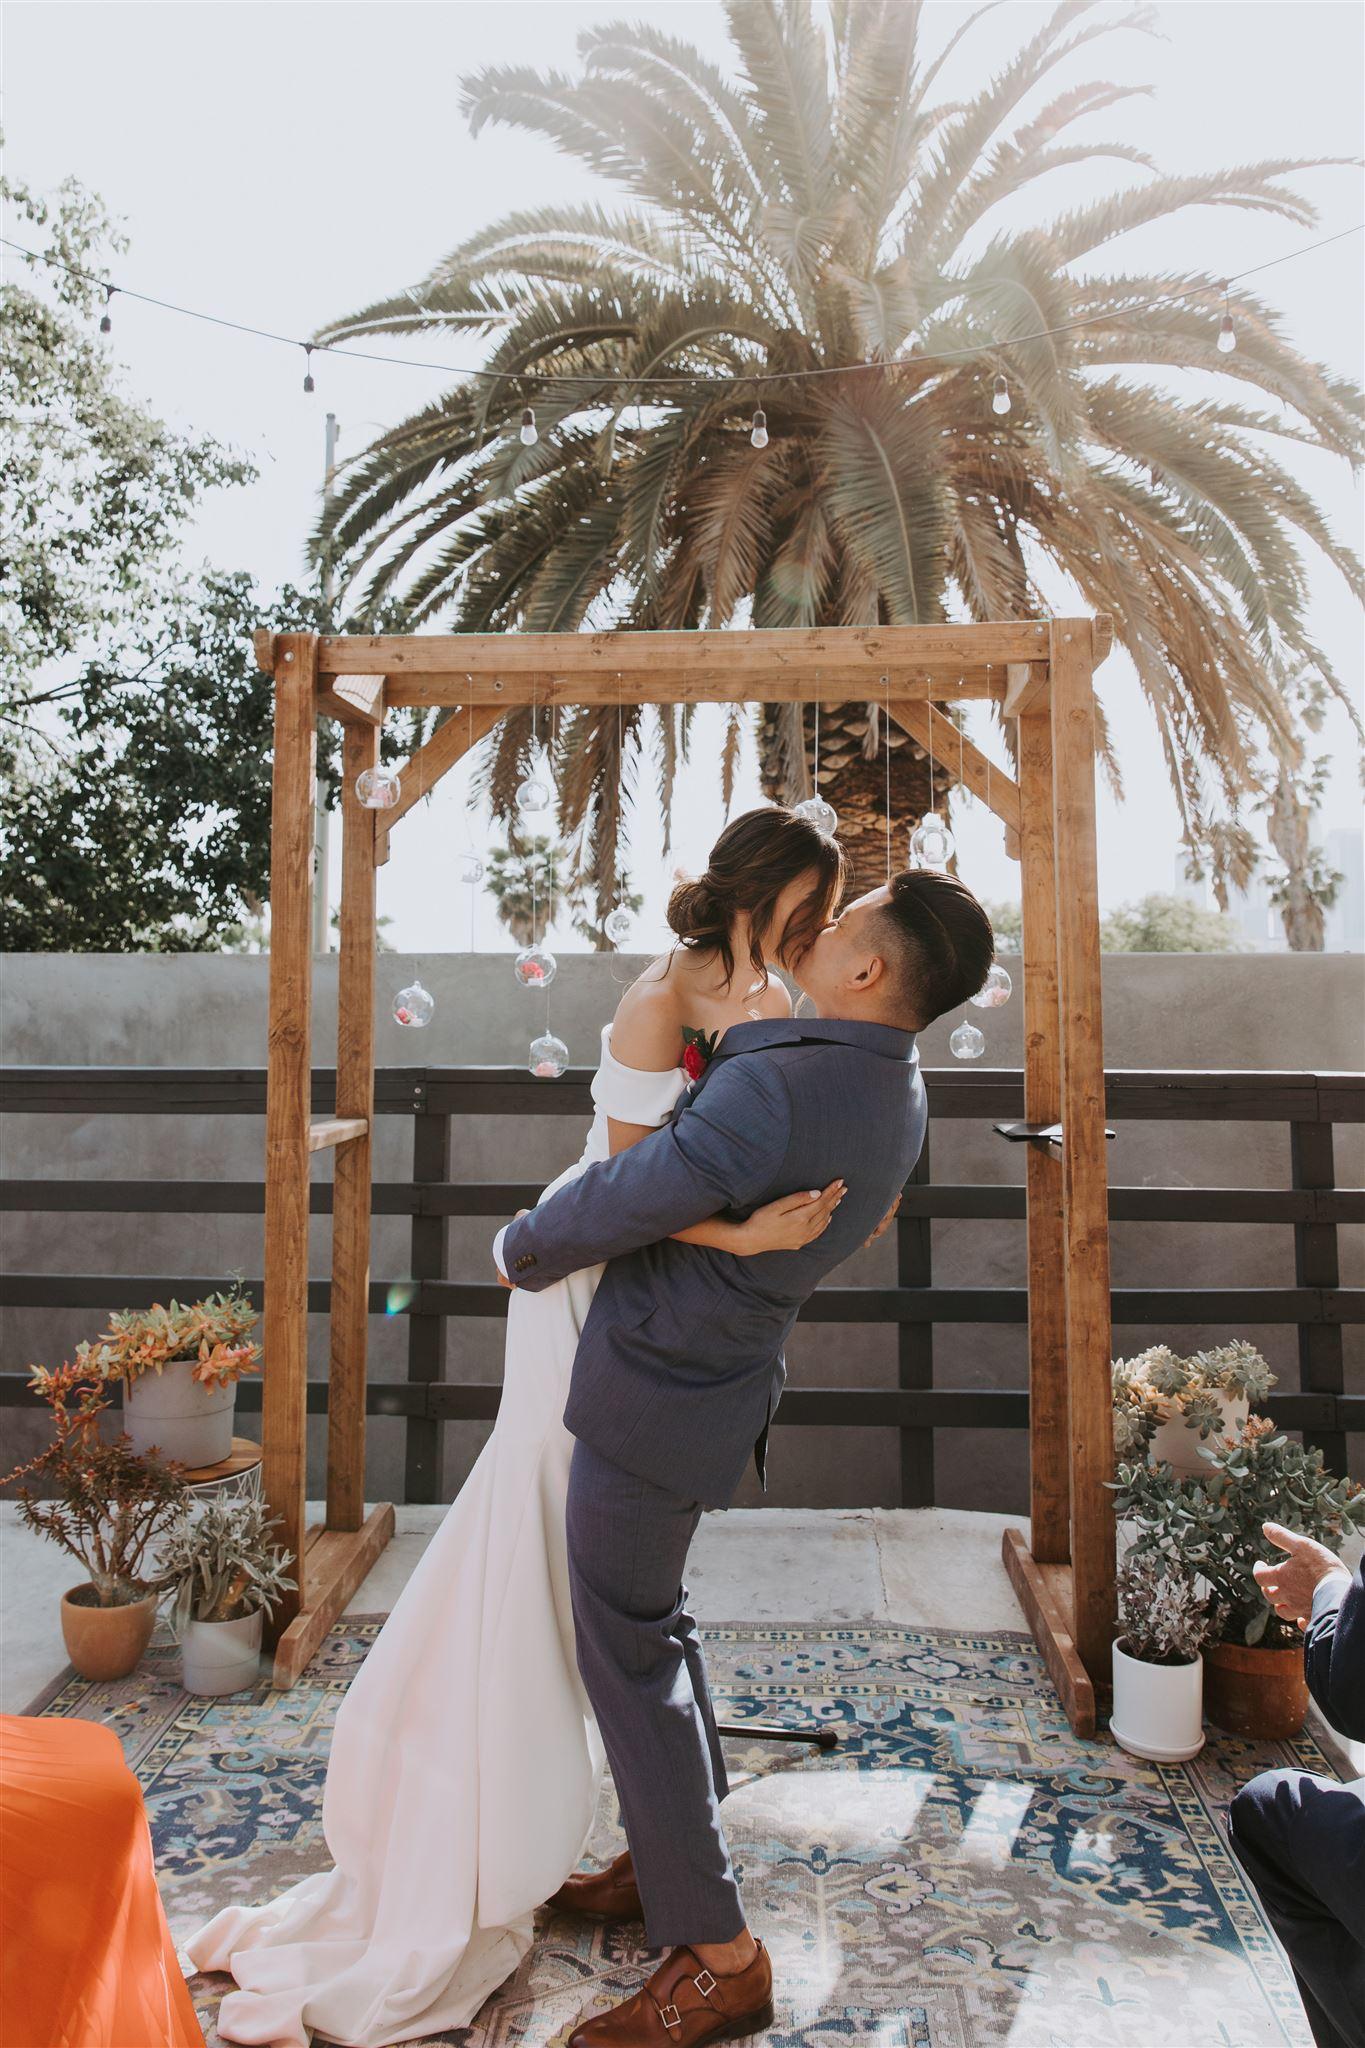 City Libre DTLA Downtown LA Los Angeles Wedding May Iosotaluno 42.jpg